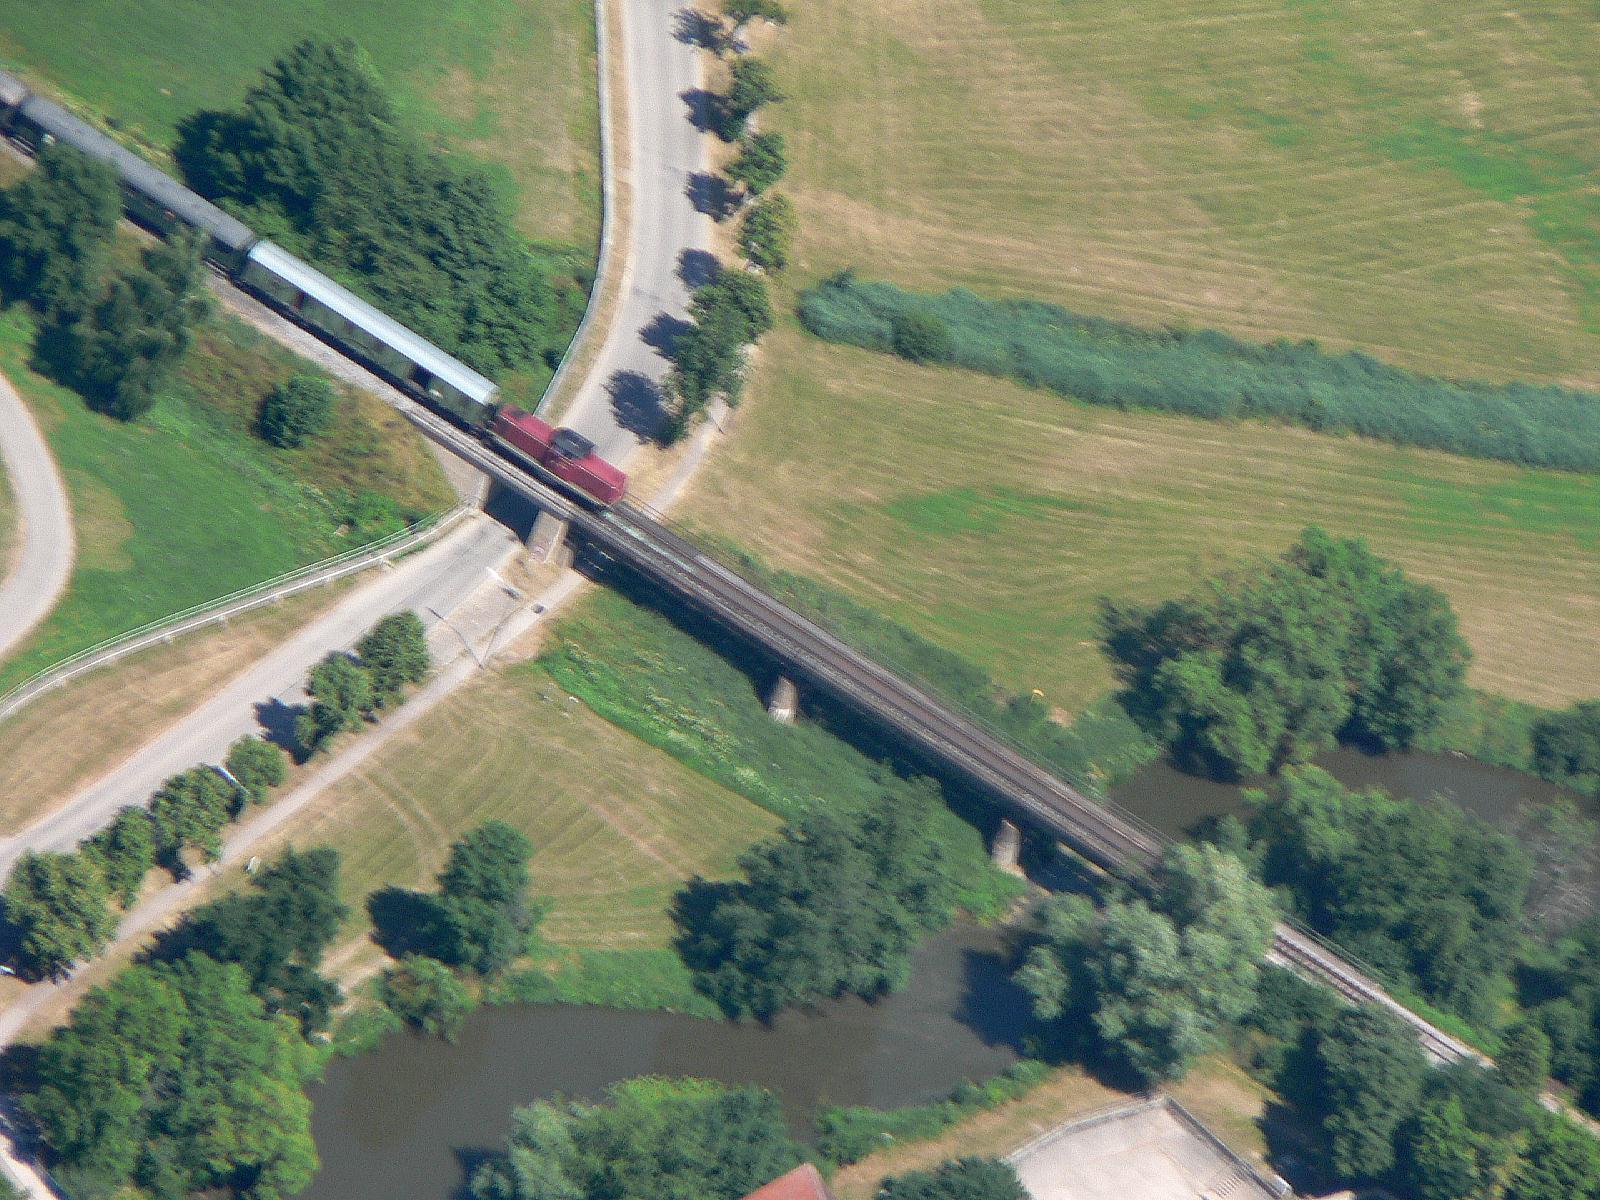 Wörnitzbrücke Wilburgstetten am 21.7.2013